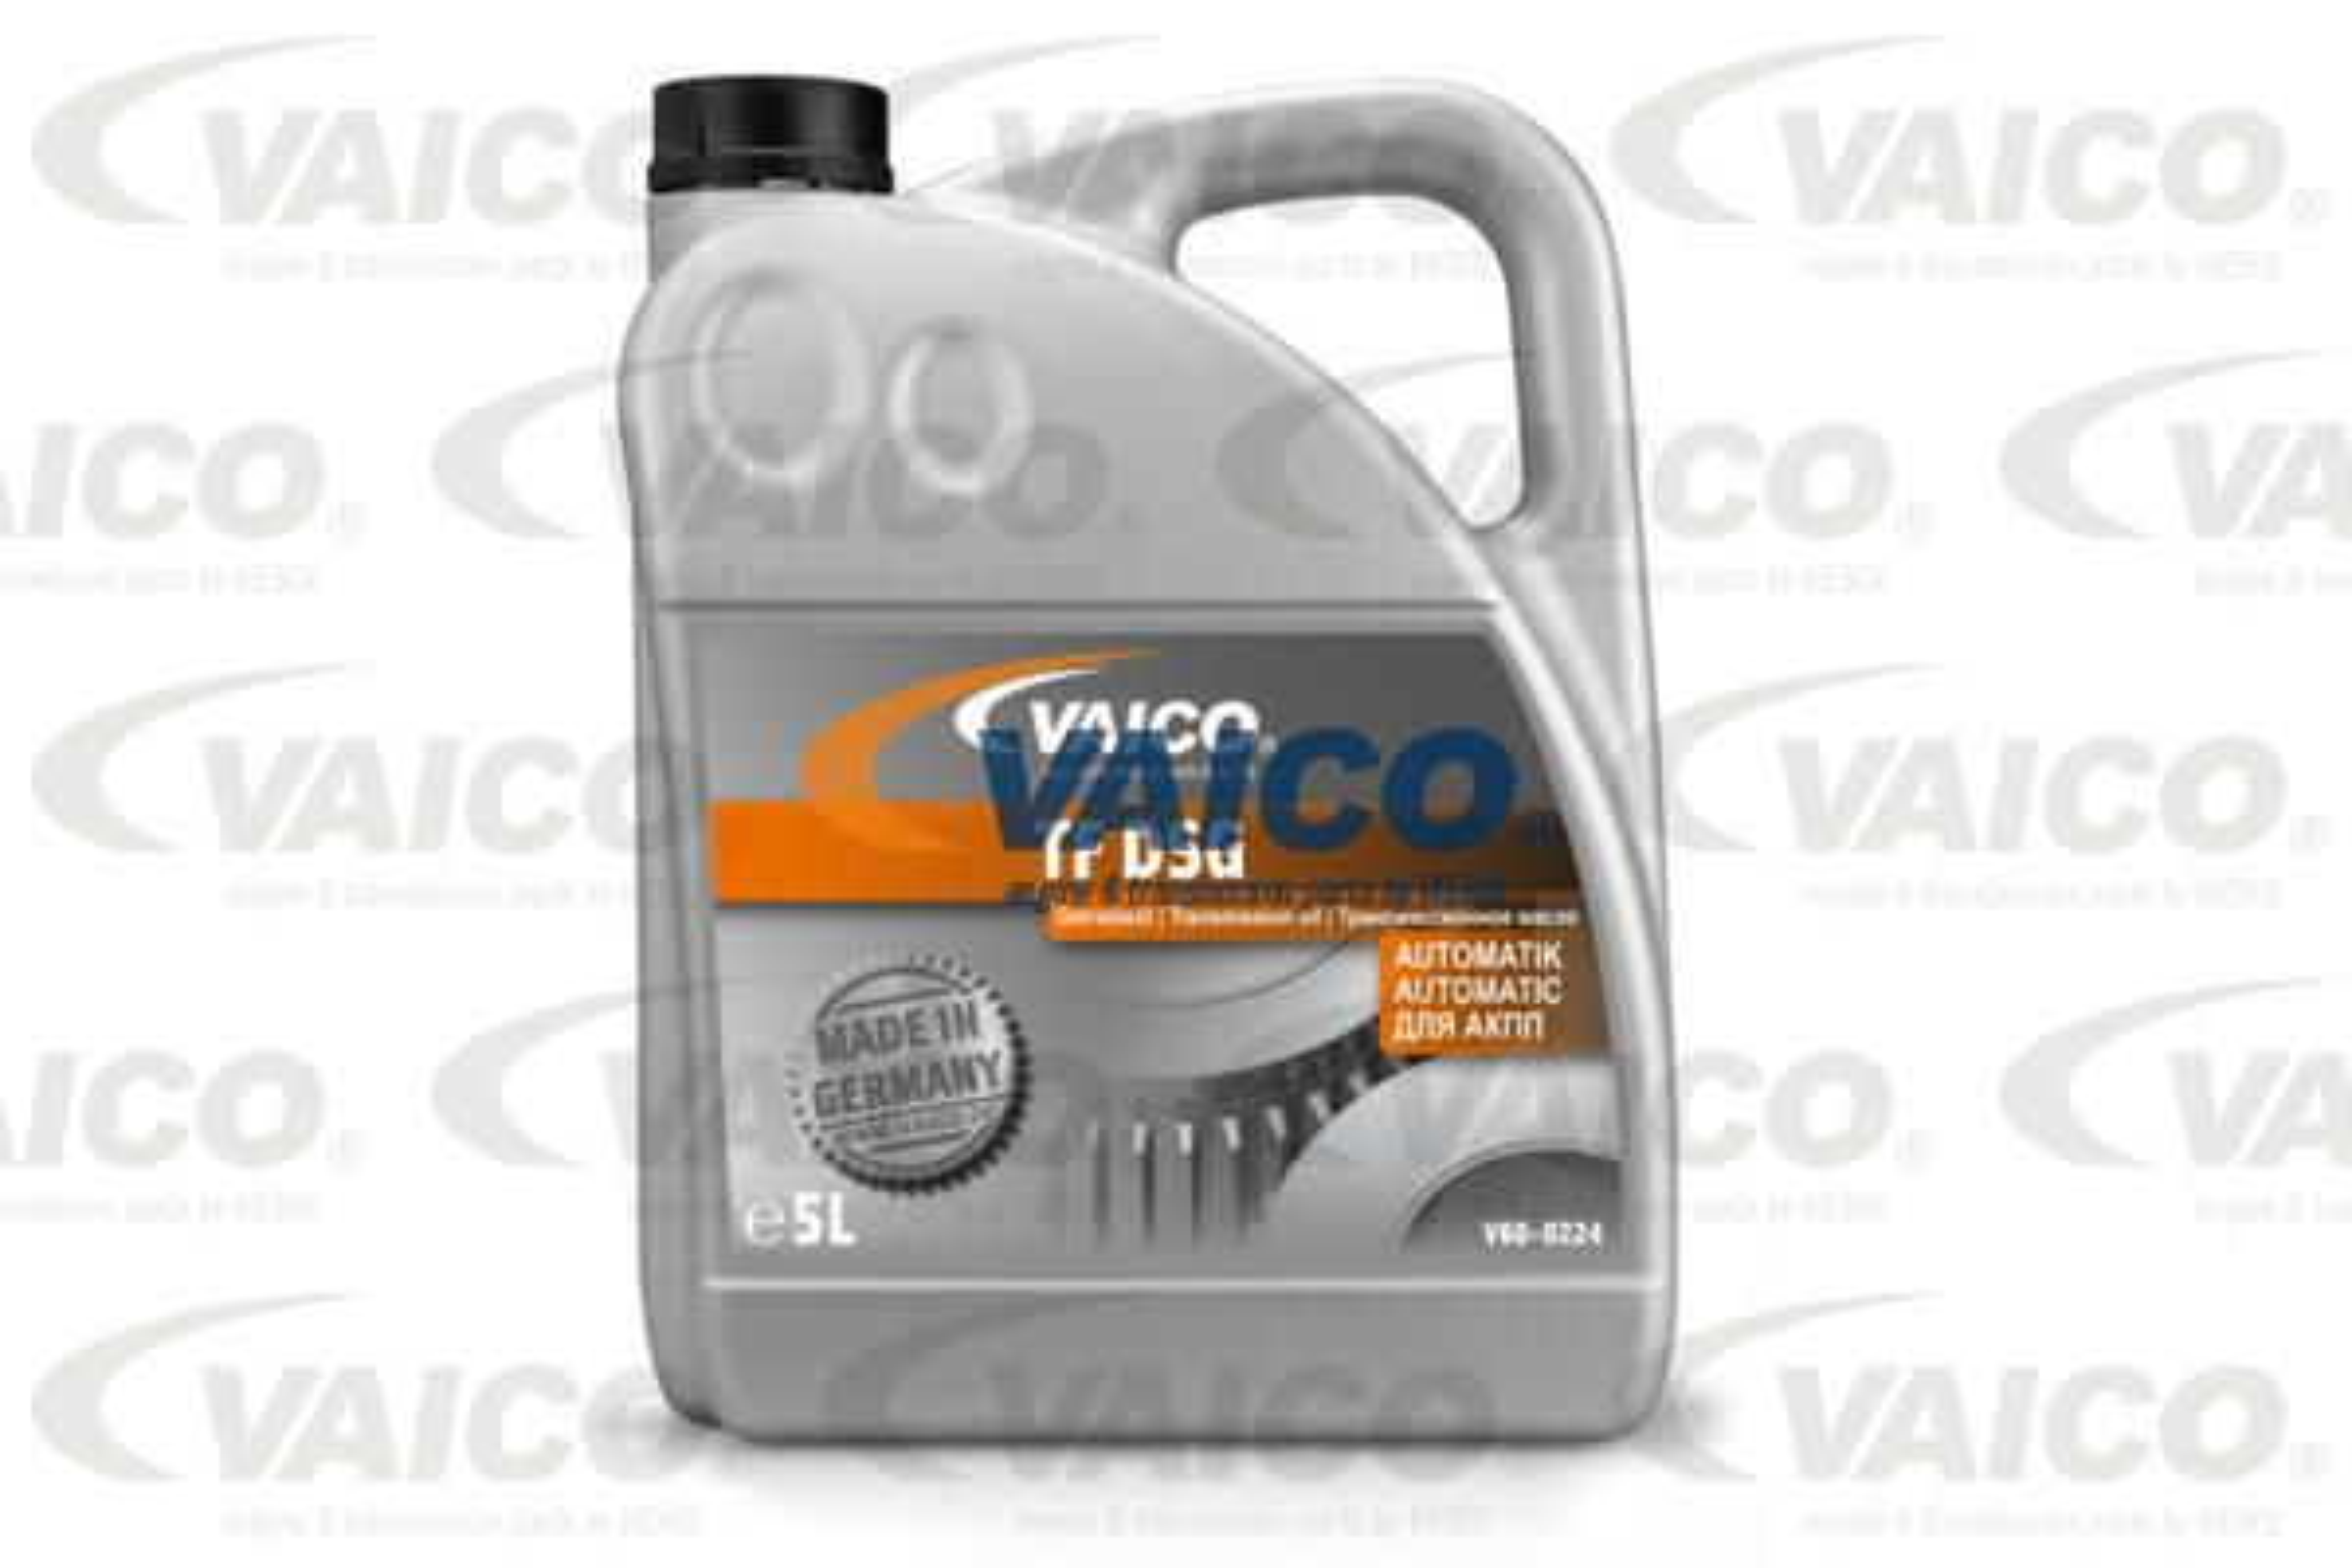 Köp VAICO V60-0224 - Växellåda till Volkswagen: Innehåll: 5l, ATF DSG, CST96